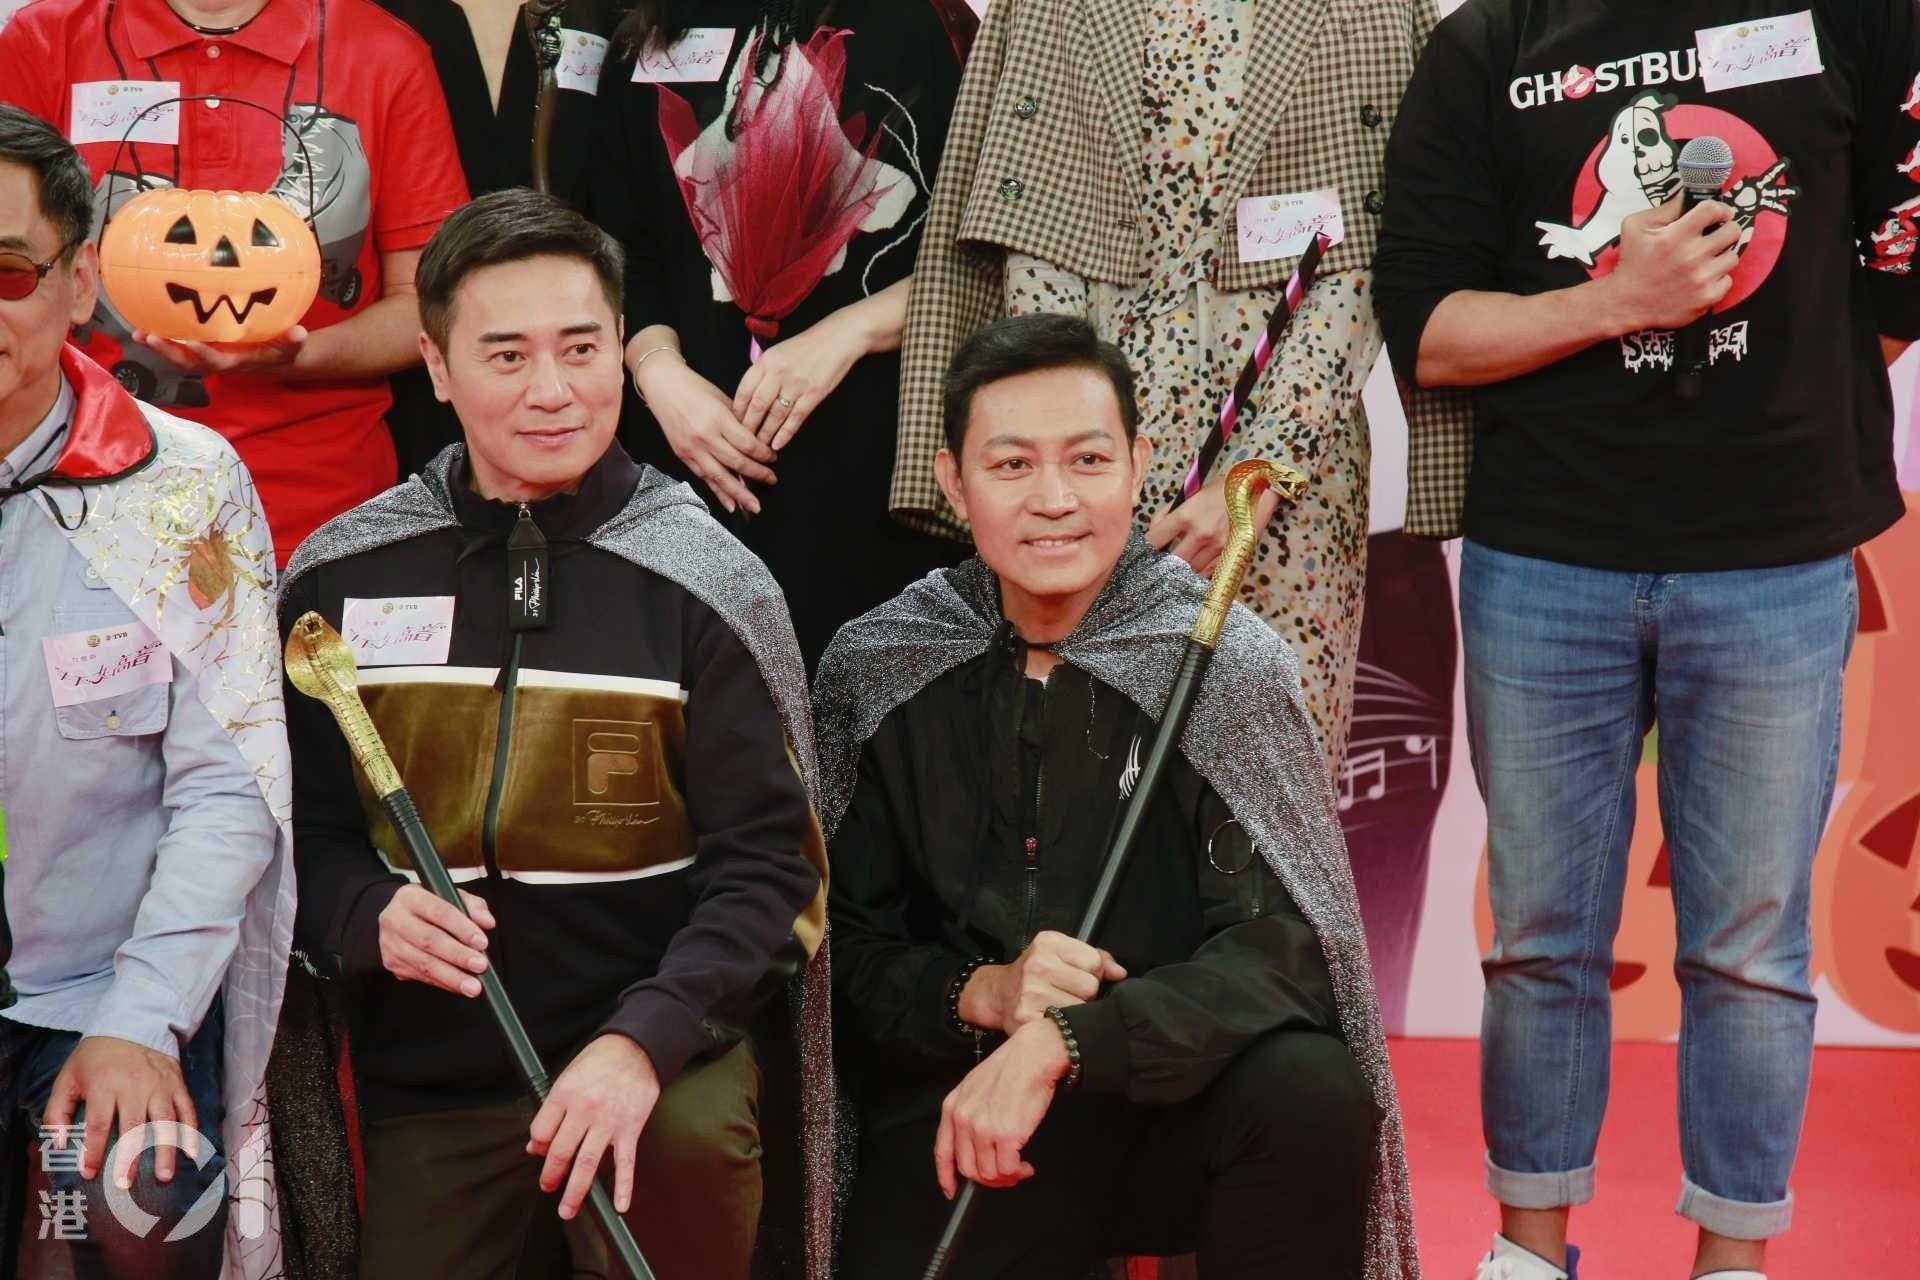 10月31日出席活動時,曾偉權已經消瘦了不少,當時他也向《香港01》記者承認肺部出現健康問題。(資料圖片)